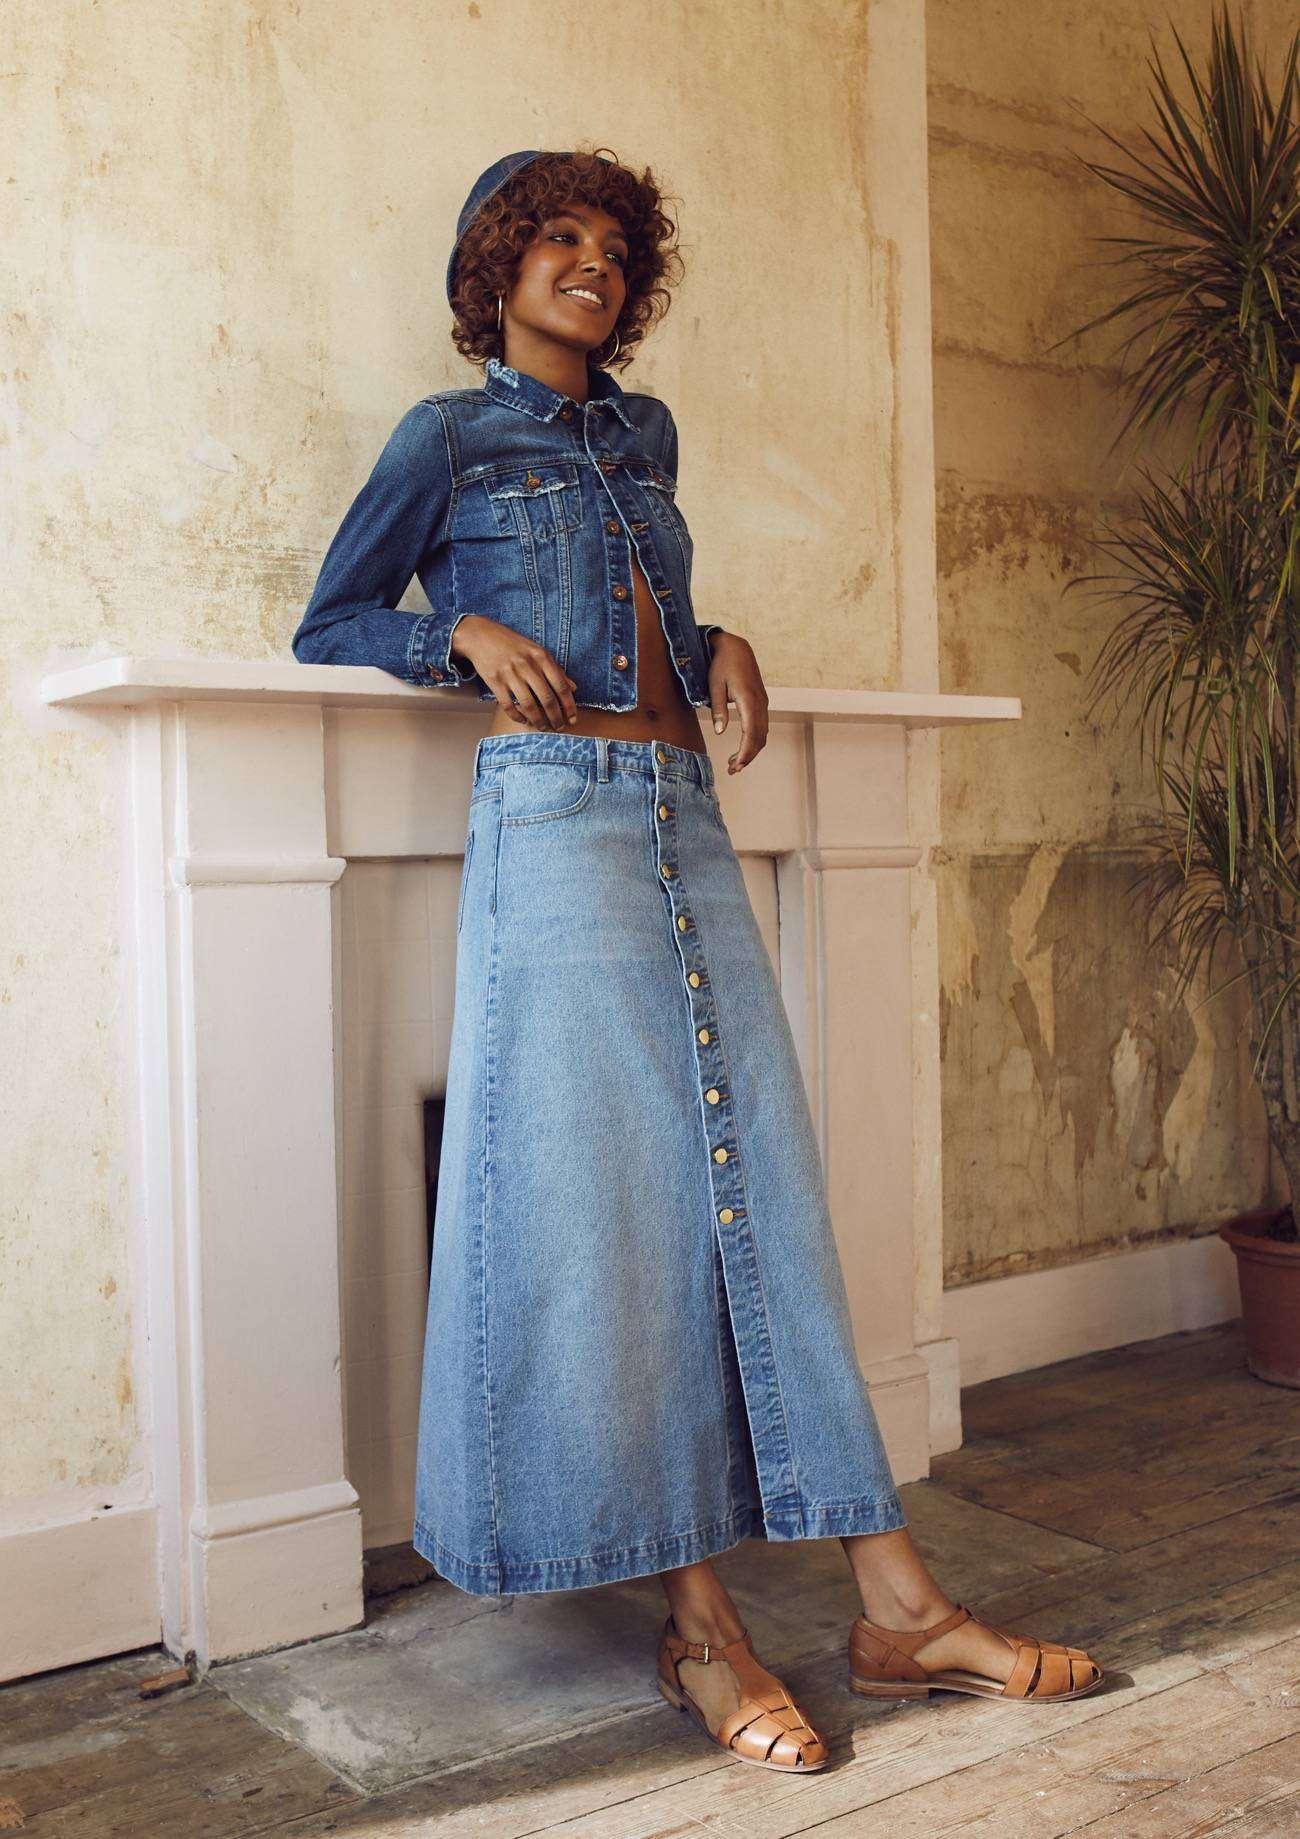 Catalogo Primark primavera - verano 2016 - falda larga vaquera